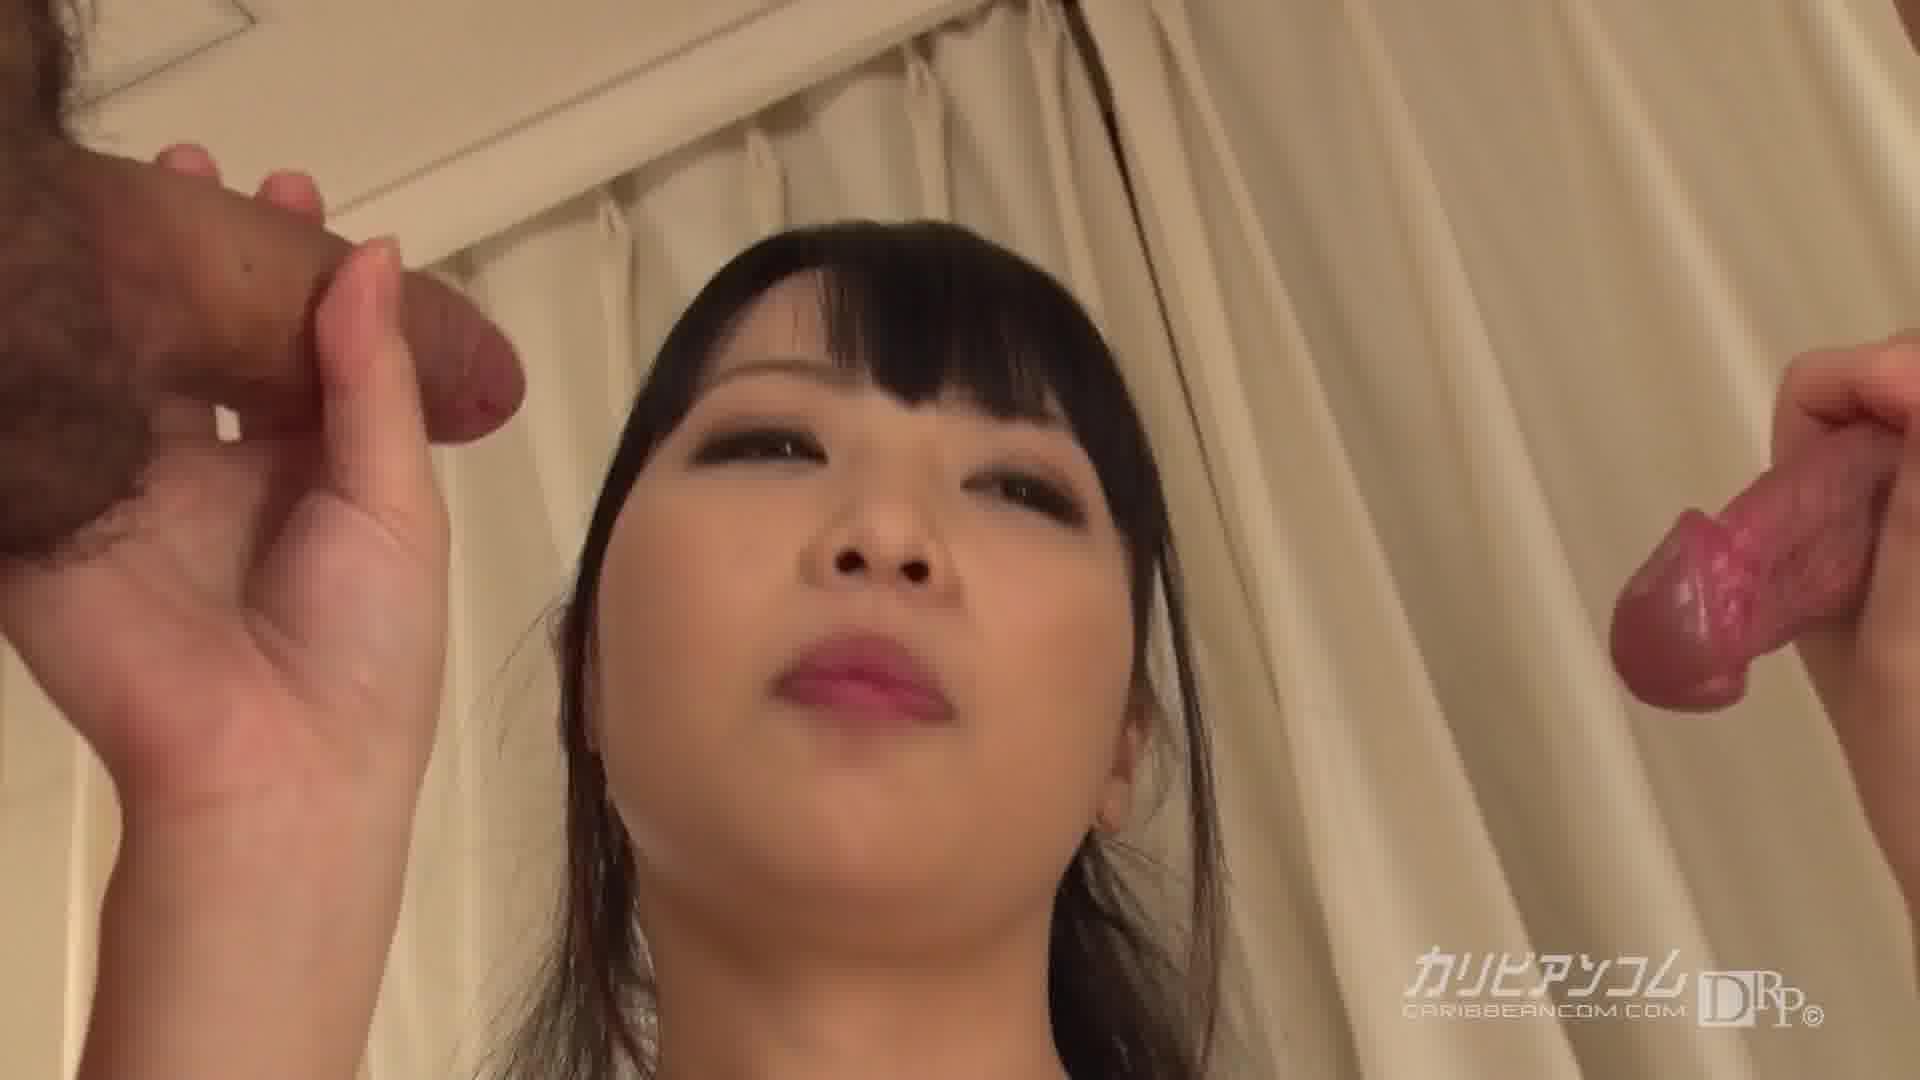 レッドホットフェティッシュコレクション 109 パート 2 - 綾瀬ゆい【SM・ハード系・イラマチオ】